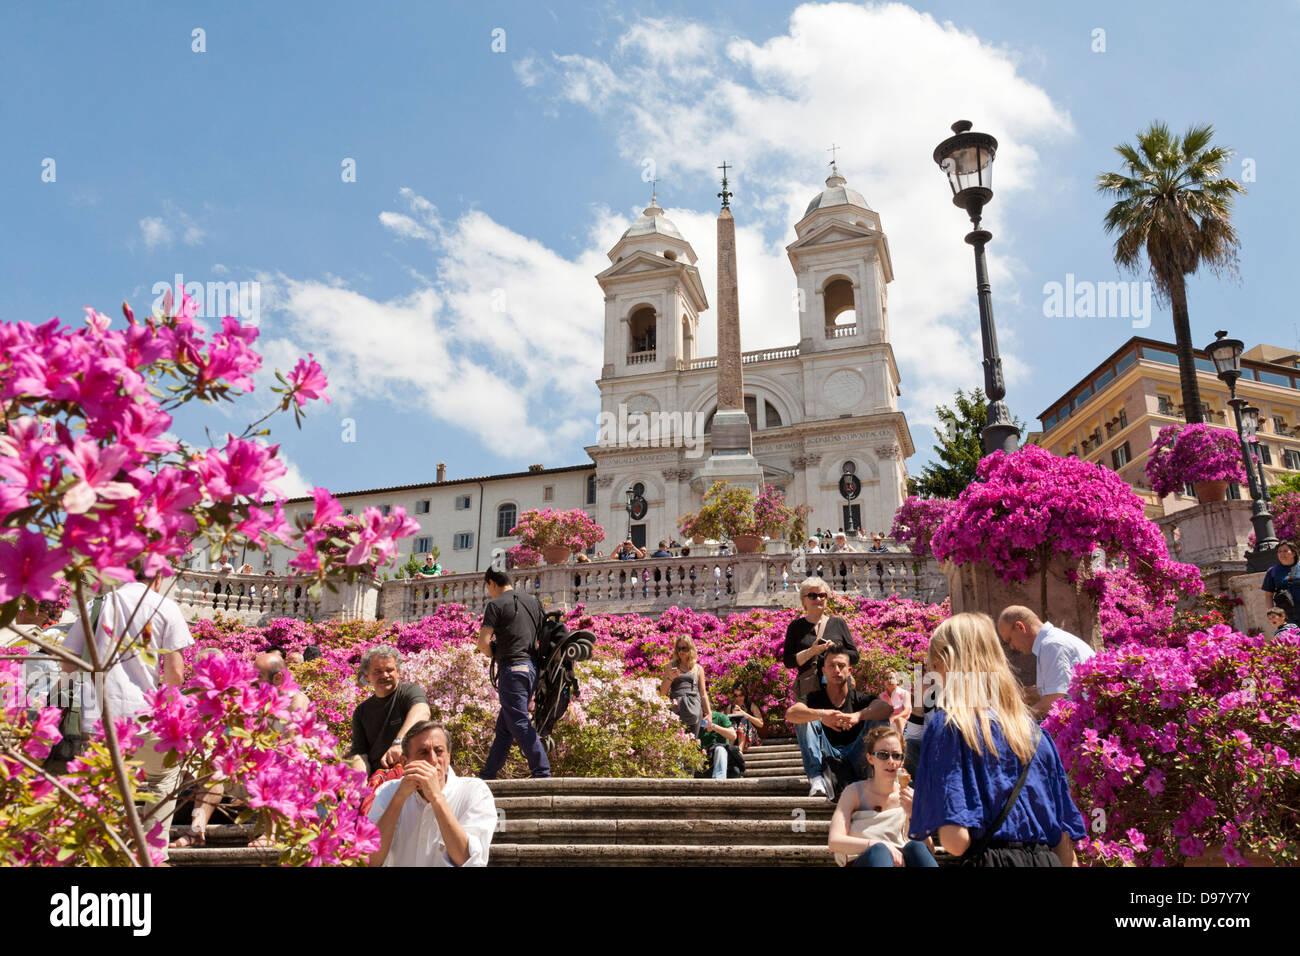 Pots of azaleas in blossom, Spanish Steps, Scalinata della Trinita dei Monti, Piazza di Spagna, Rome, Italy - Stock Image